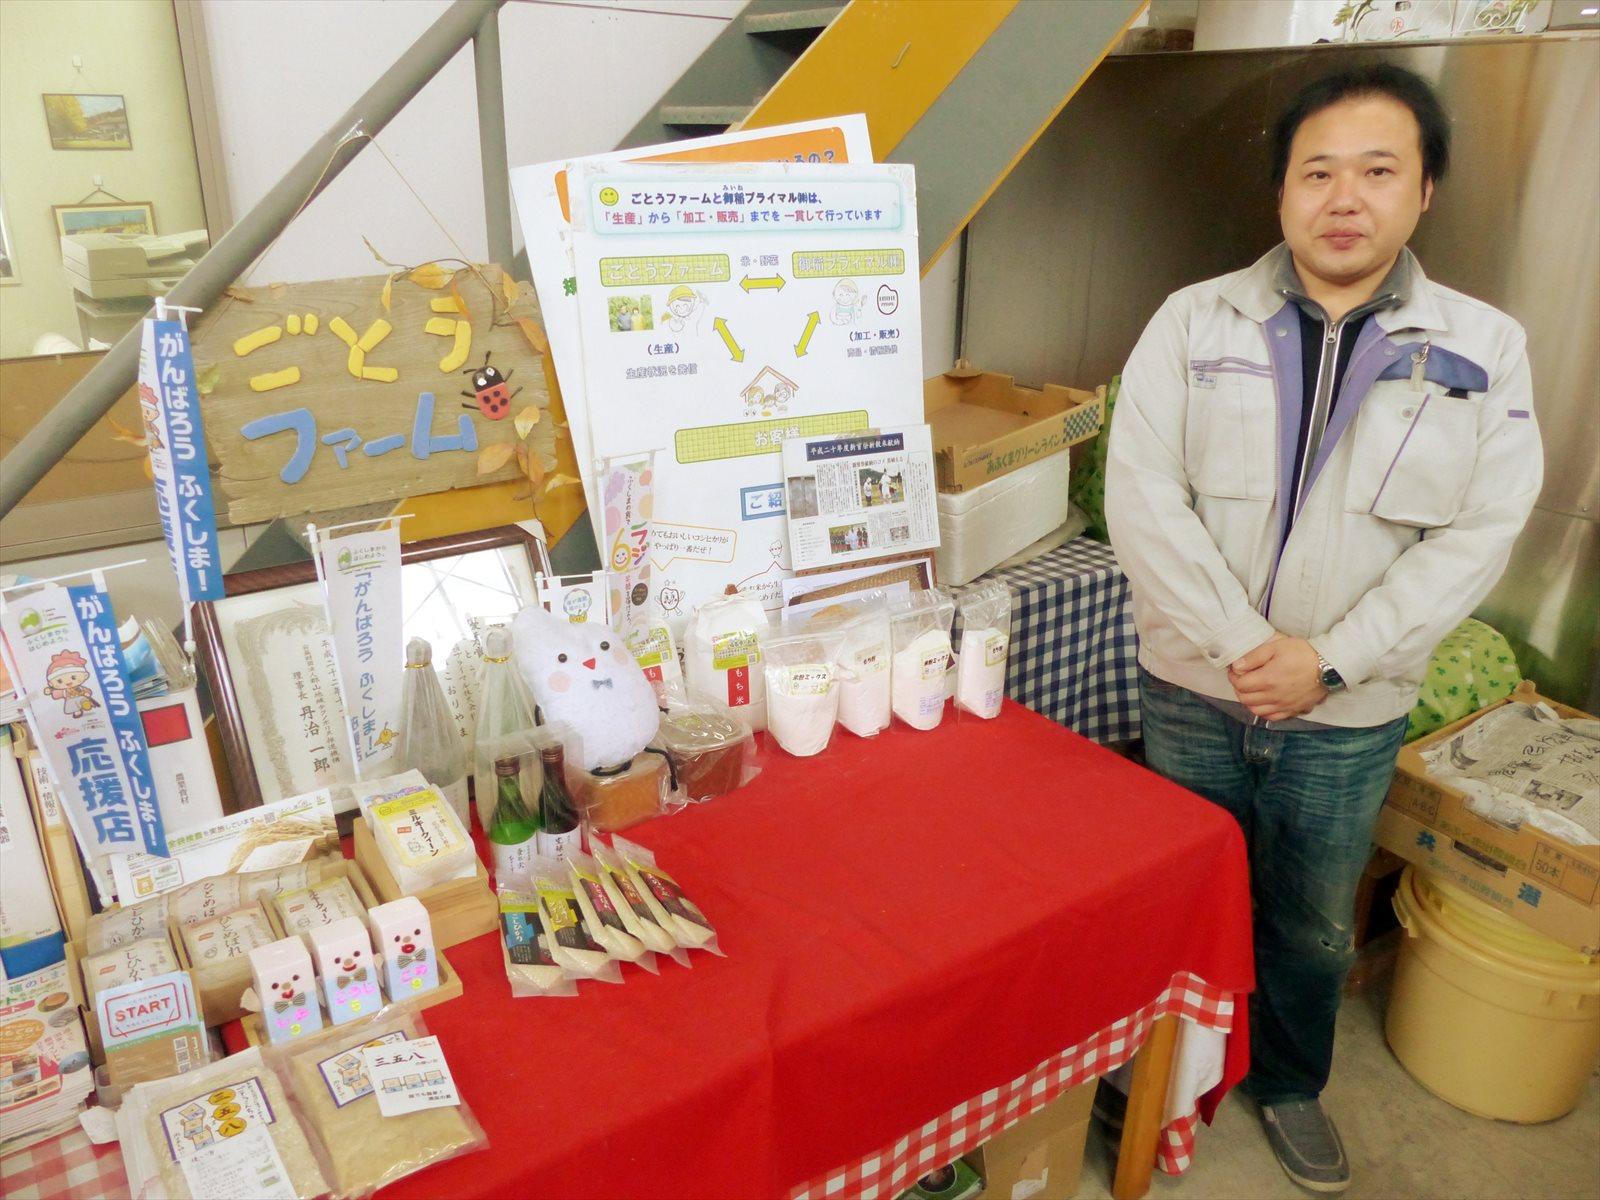 御稲プライマル後藤さんと生産している農産物